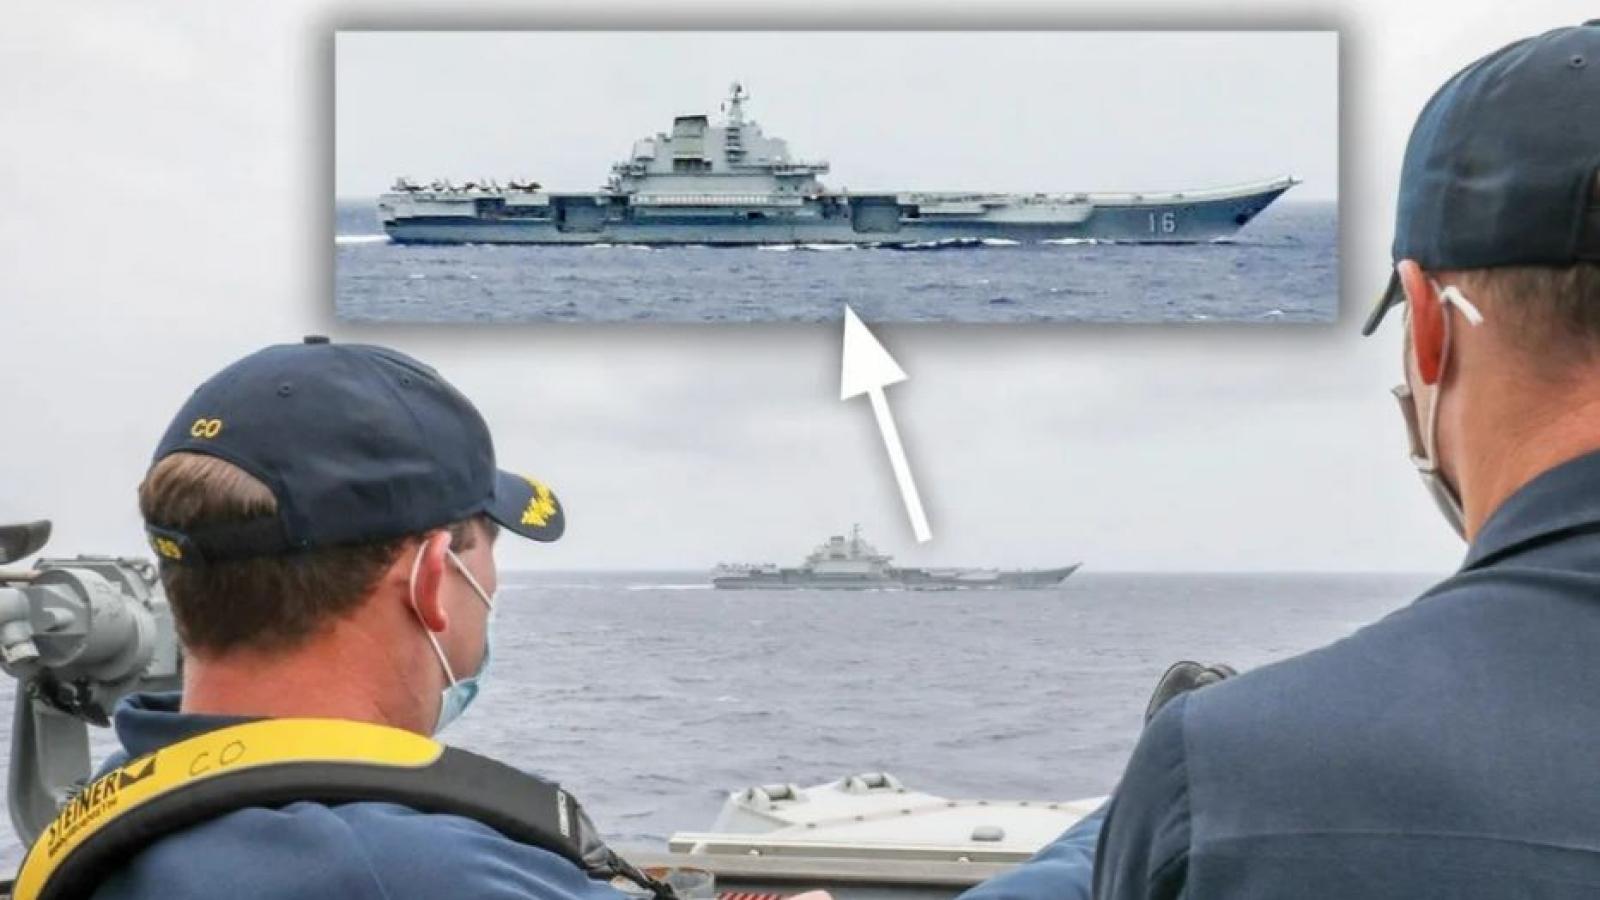 Bức ảnh tiết lộ thông điệp Hải quân Mỹ gửi tới Trung Quốc ở Biển Đông và biển Hoa Đông